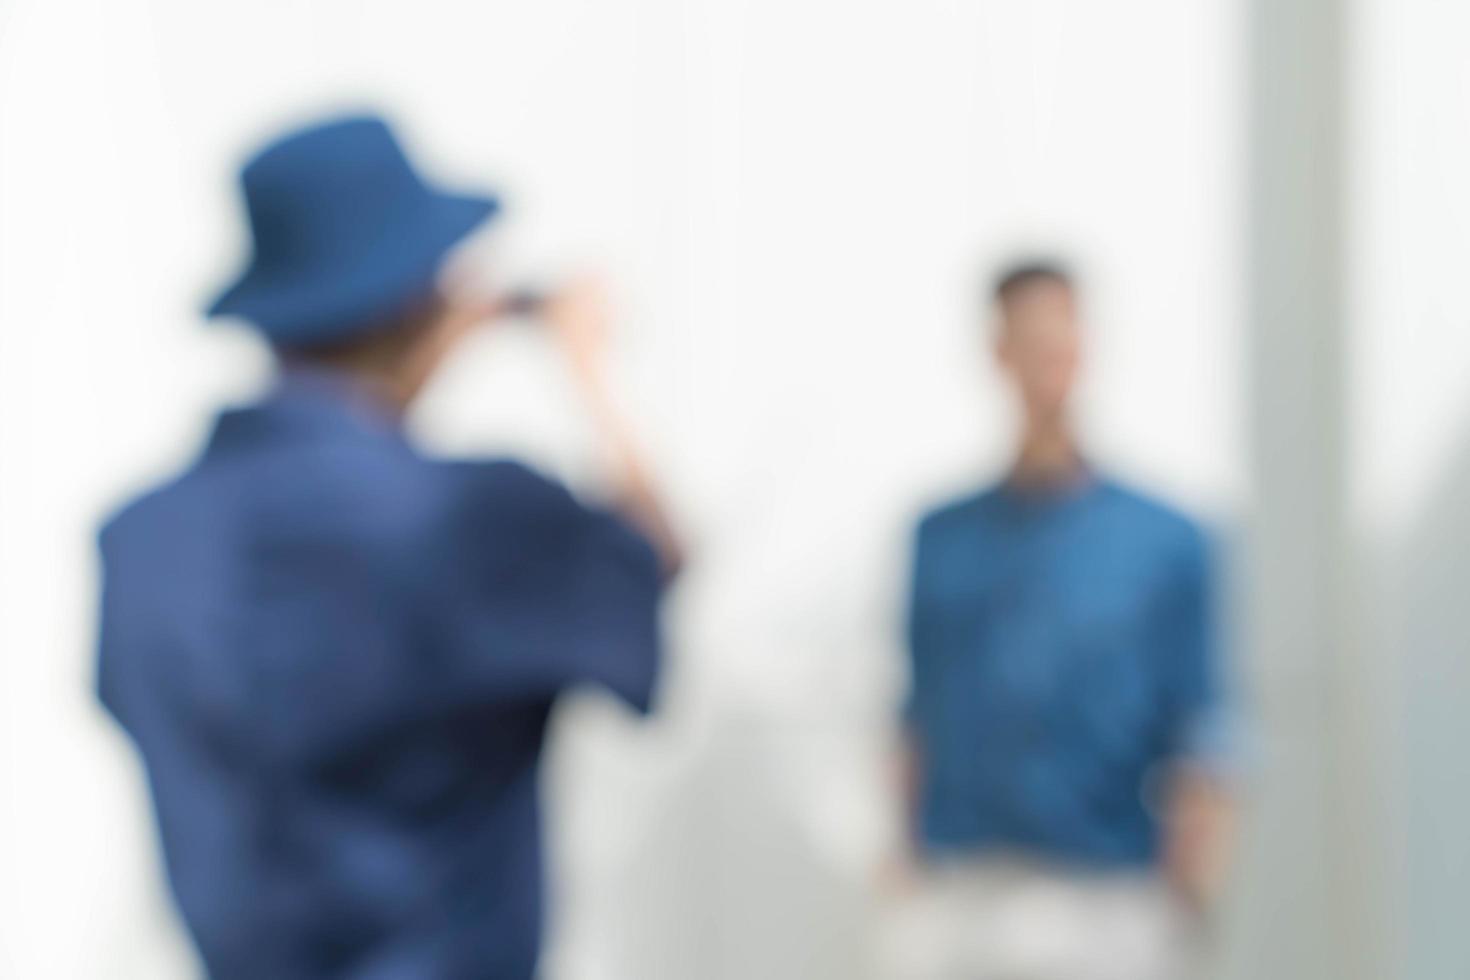 desenfoque abstracto personas tomando una foto de fondo